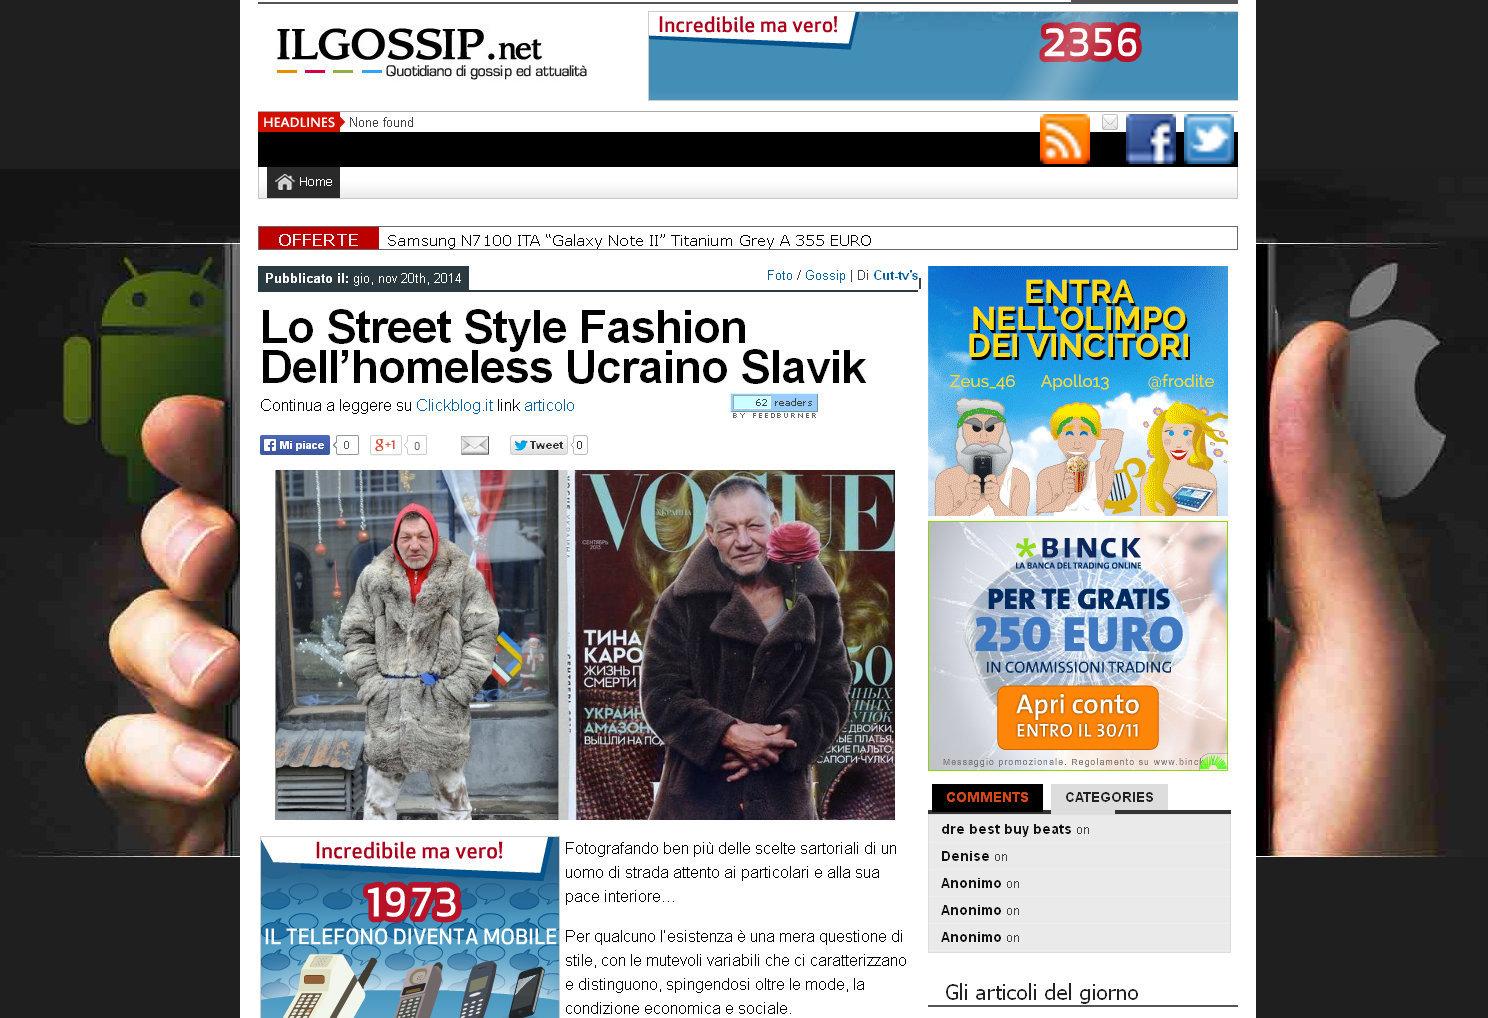 ilgossip_net.jpg